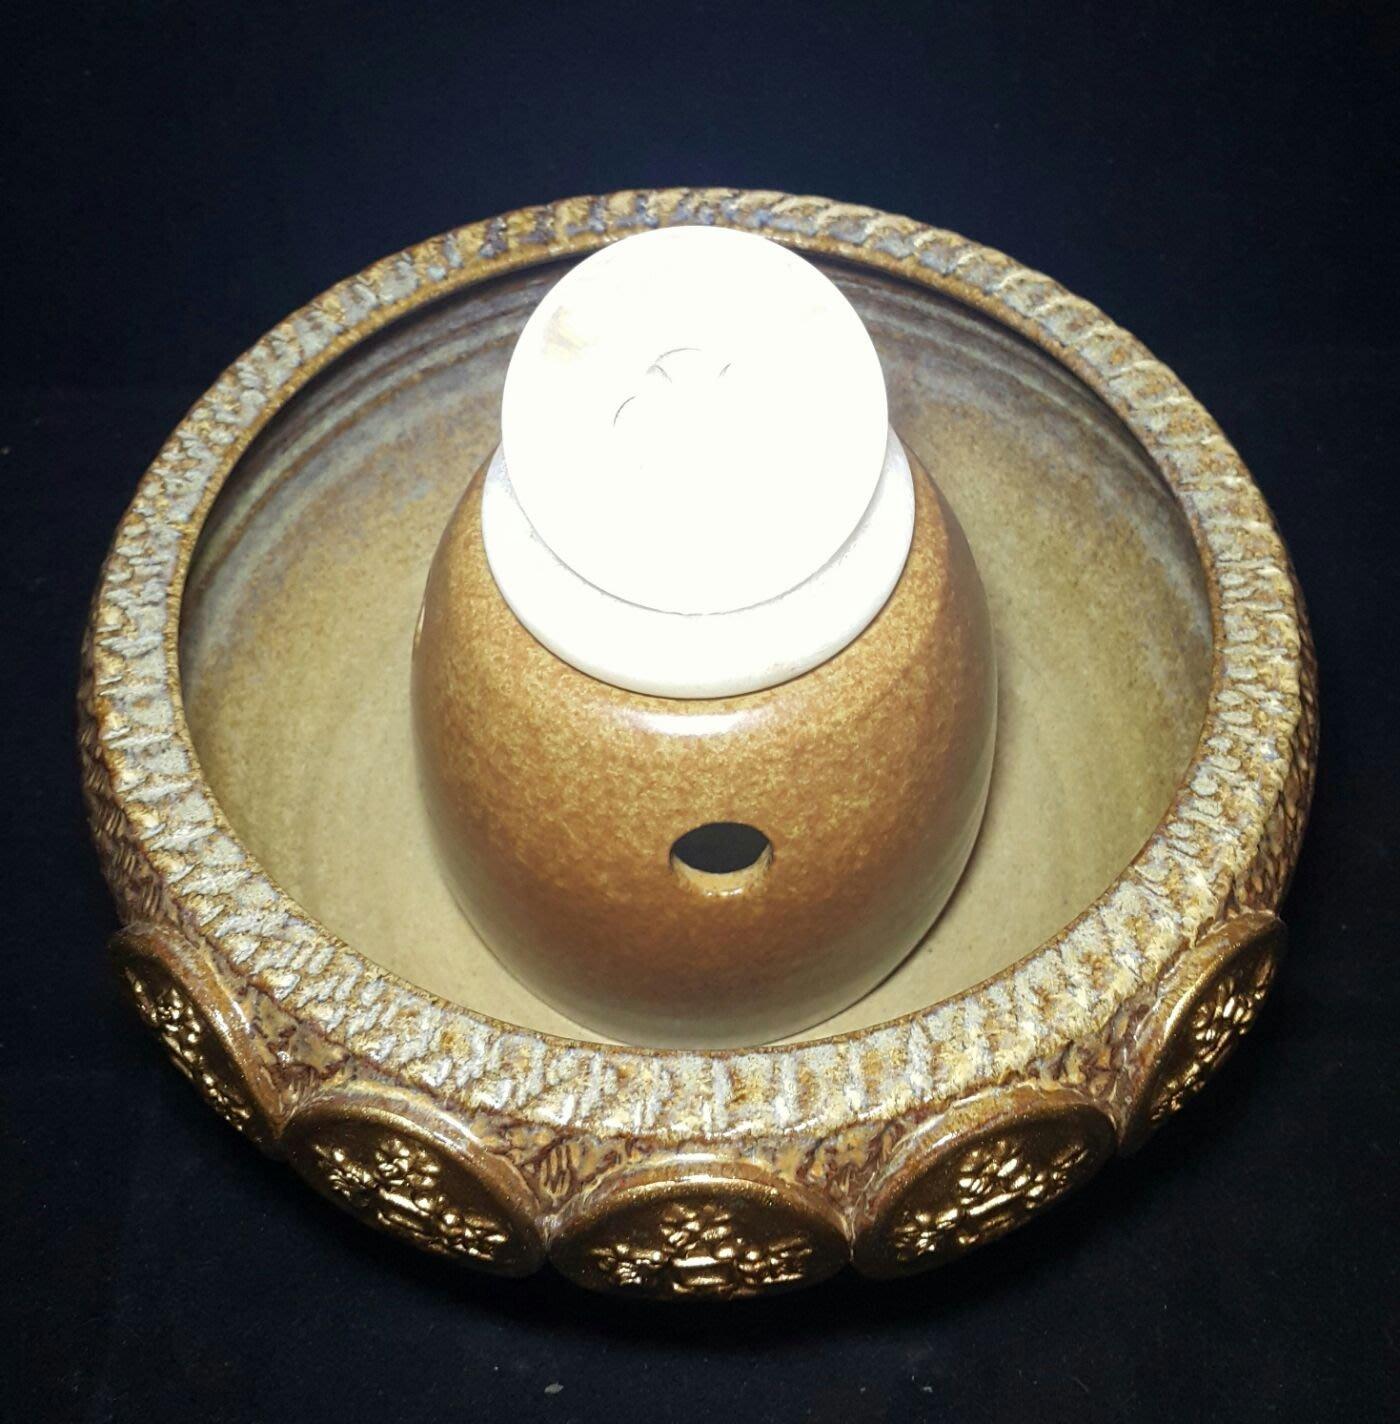 【星辰陶藝】(LED燈馬達,元寶球) 跳刀五錢聚寶盆+6公分滾球流水組,黃金錢幣,財源滾滾,風水滾球